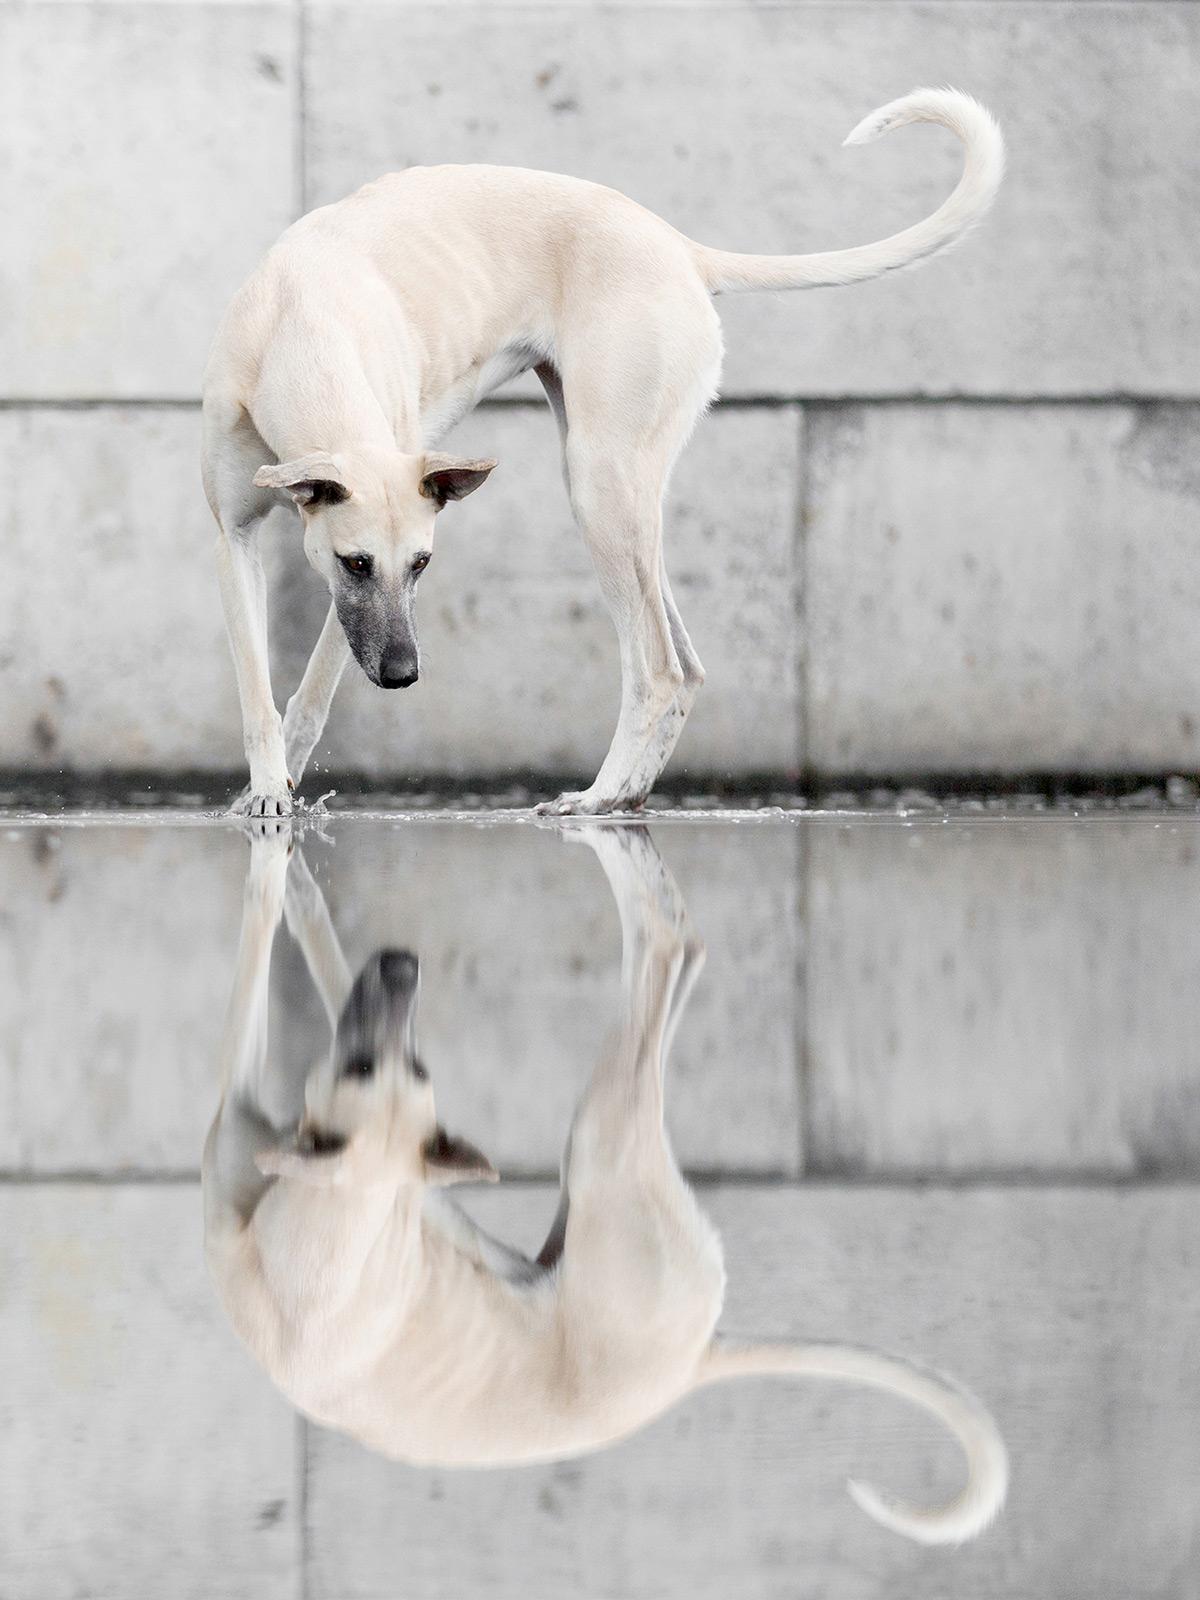 Os retratos engraçados que revelam as emoções fugazes dos cães 10